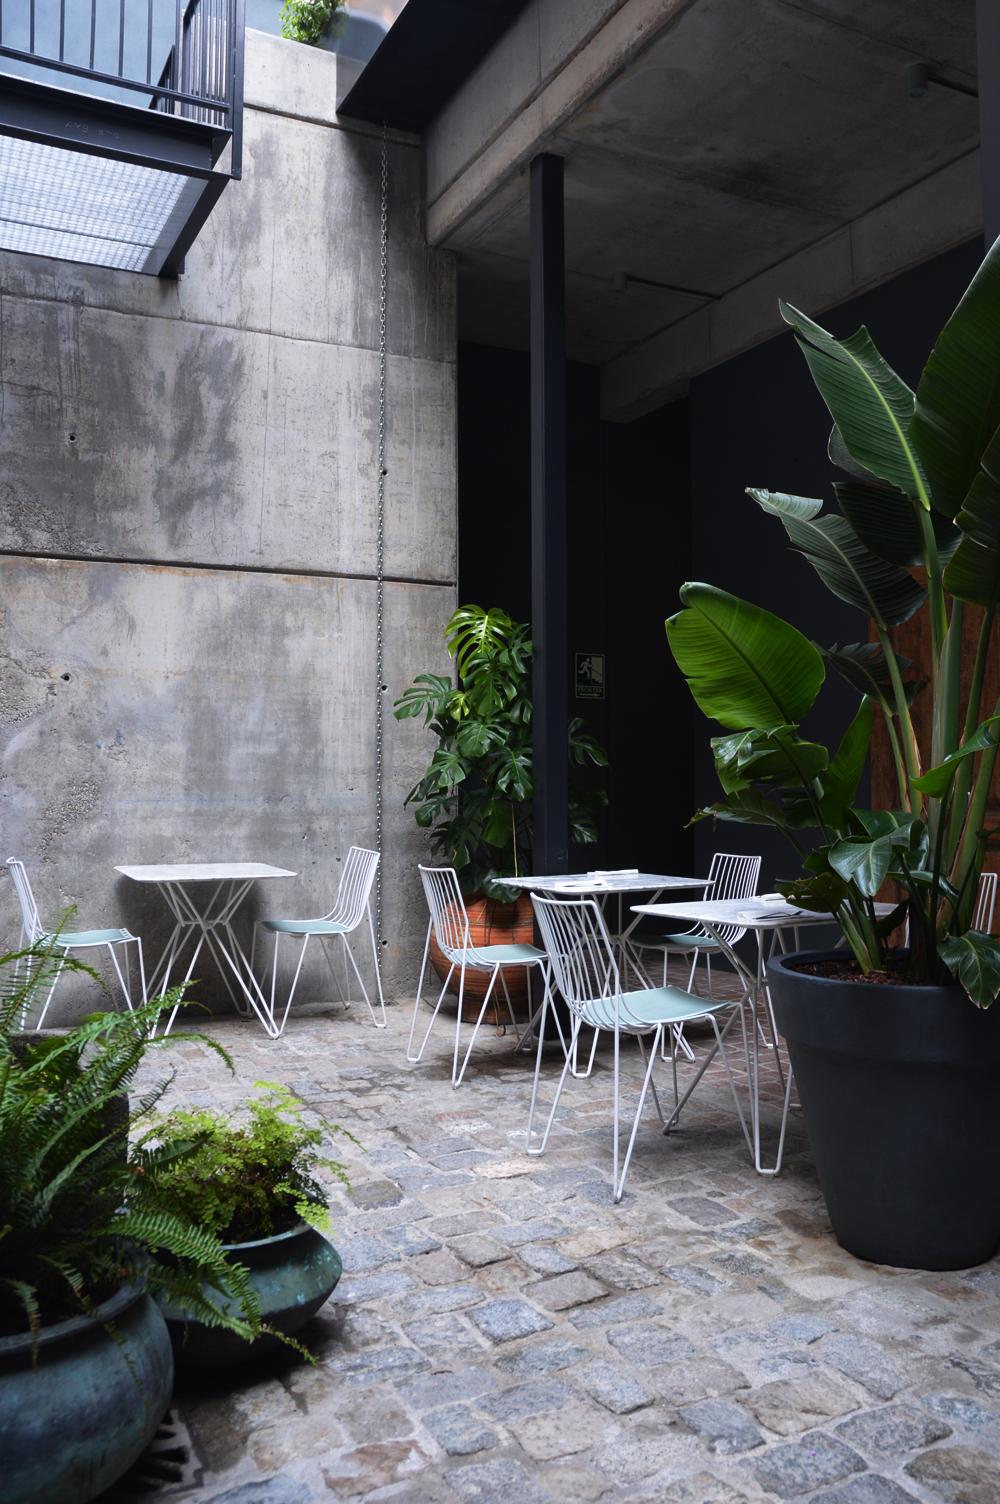 Hotel Brummel - Back yard dreaming - littlegreenshed blog